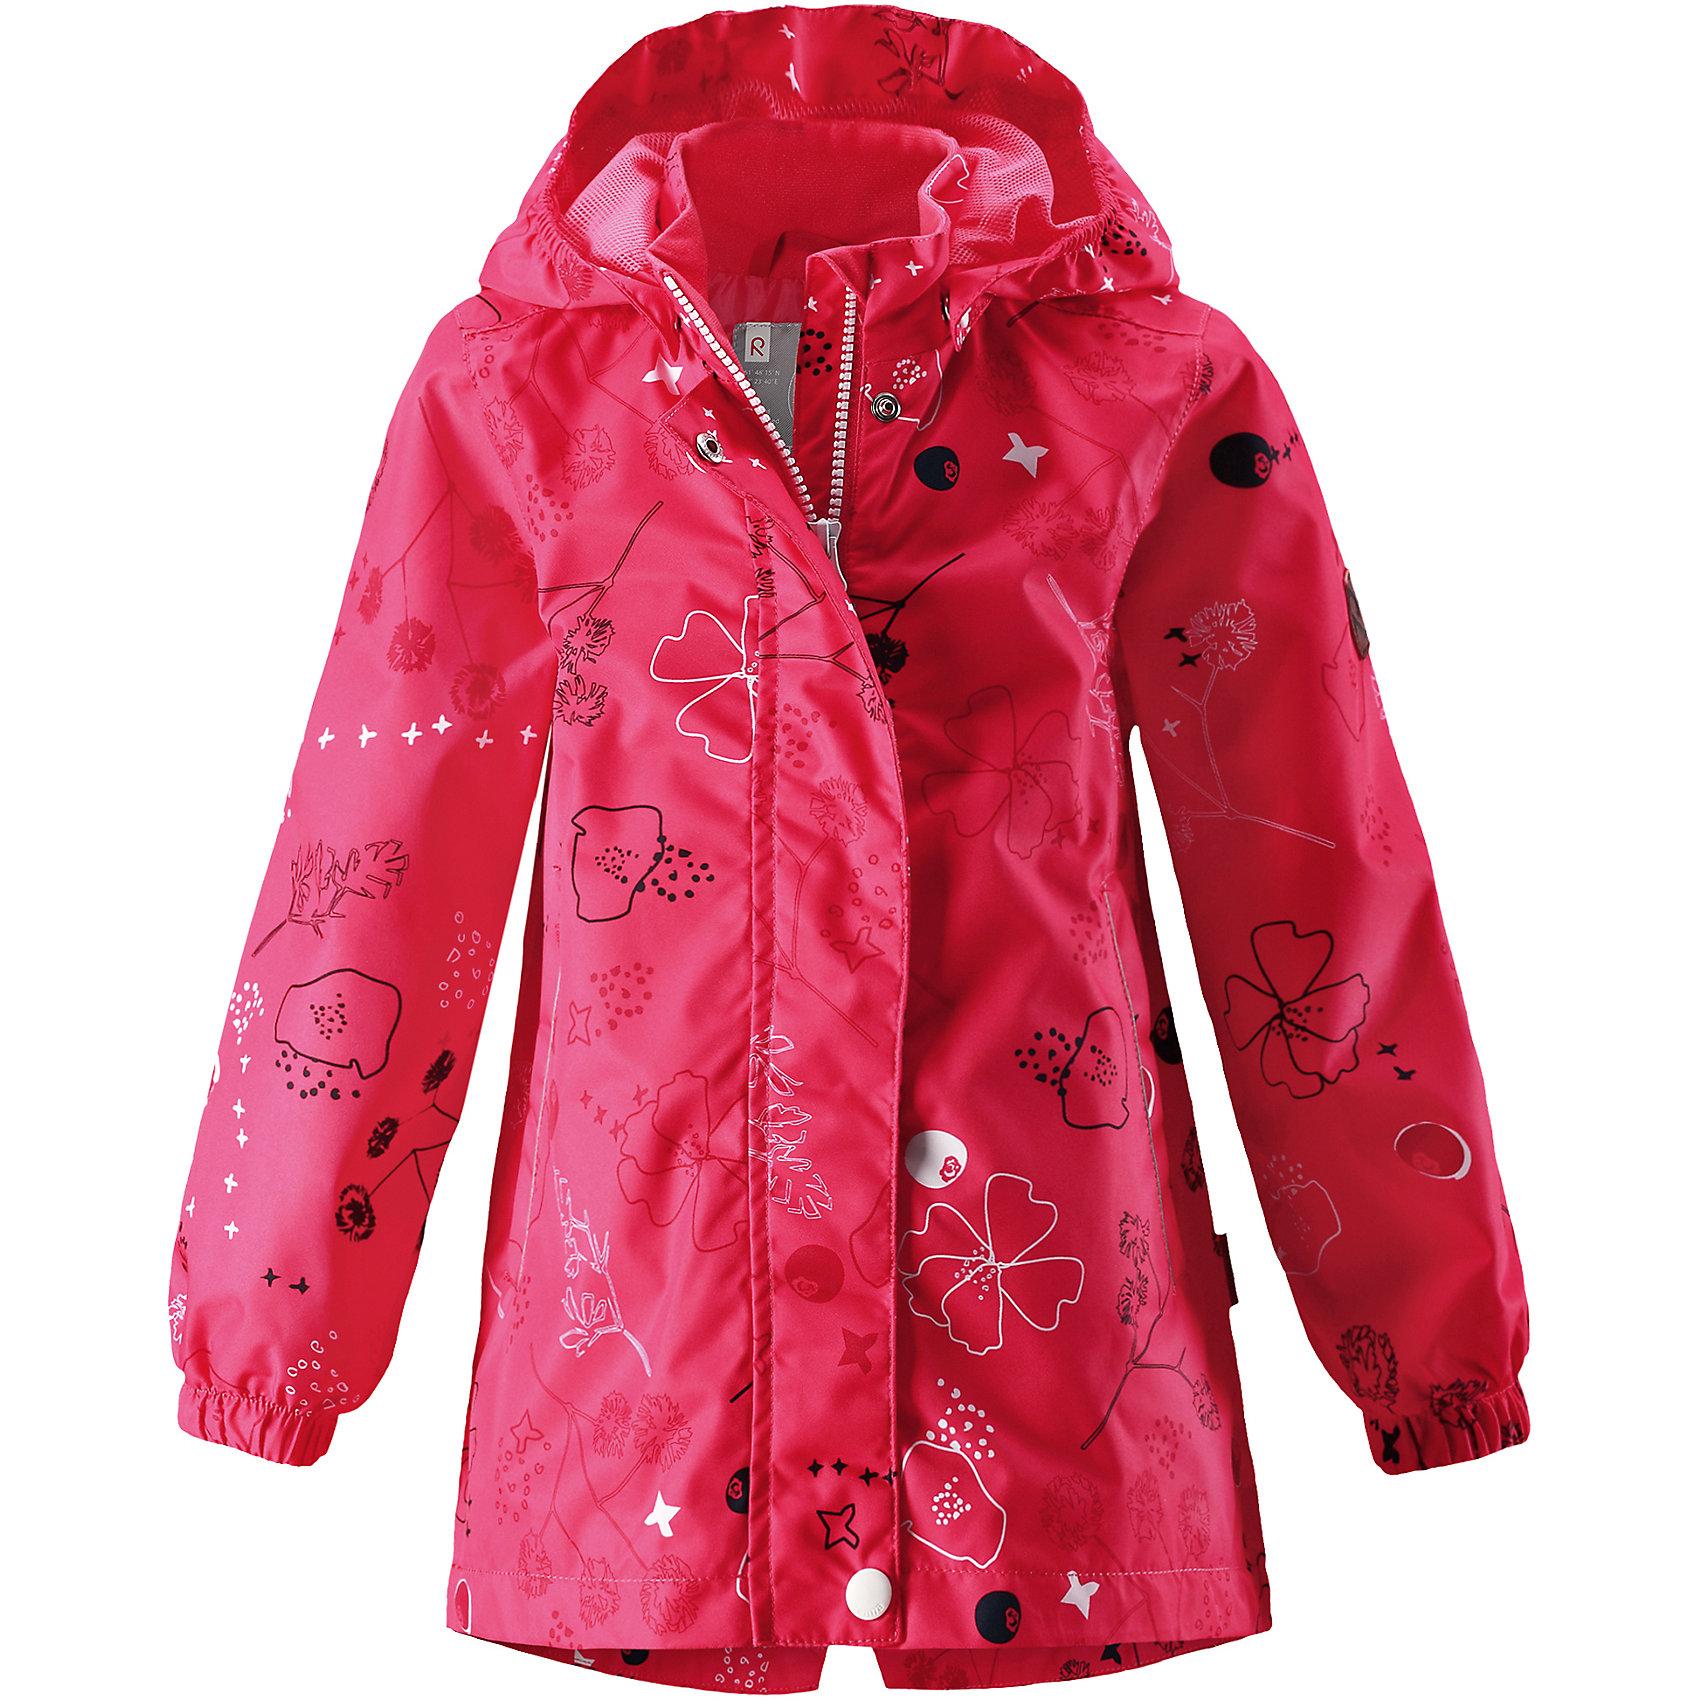 Куртка Kimalle для девочки Reimatec® ReimaОдежда<br>Характеристики товара:<br><br>• цвет: розовый<br>• состав: 100% полиэстер, полиуретановое покрытие<br>• температурный режим: от +5° до +15°С<br>• водонепроницаемость: 5000 мм<br>• воздухопроницаемость: 3000 мм<br>• износостойкость: 15000 циклов (тест Мартиндейла)<br>• без утеплителя<br>• основные швы проклеены, водонепроницаемы<br>• водо- и ветронепроницаемый, дышащий, грязеотталкивающий материал<br>• удлиненная модель<br>• гладкая подкладка из полиэстера<br>• эластичные манжеты<br>• безопасный съёмный капюшон<br>• талия регулируется изнутри<br>• два прорезных кармана<br>• светоотражающие детали<br>• комфортная посадка<br>• страна производства: Китай<br>• страна бренда: Финляндия<br>• коллекция: весна-лето 2017<br><br>В межсезонье верхняя одежда для детей может быть модной и комфортной одновременно! Демисезонная куртка поможет обеспечить ребенку комфорт и тепло. Она отлично смотрится с различной одеждой и обувью. Изделие удобно сидит и модно выглядит. Материал - прочный, хорошо подходящий для межсезонья, водо- и ветронепроницаемый, «дышащий». Стильный дизайн разрабатывался специально для детей.<br><br>Одежда и обувь от финского бренда Reima пользуется популярностью во многих странах. Эти изделия стильные, качественные и удобные. Для производства продукции используются только безопасные, проверенные материалы и фурнитура. Порадуйте ребенка модными и красивыми вещами от Reima! <br><br>Куртку для девочки Reimatec® от финского бренда Reima (Рейма) можно купить в нашем интернет-магазине.<br><br>Ширина мм: 356<br>Глубина мм: 10<br>Высота мм: 245<br>Вес г: 519<br>Цвет: розовый<br>Возраст от месяцев: 36<br>Возраст до месяцев: 48<br>Пол: Женский<br>Возраст: Детский<br>Размер: 104,152,134,116,110,122,128,140,146<br>SKU: 5270613